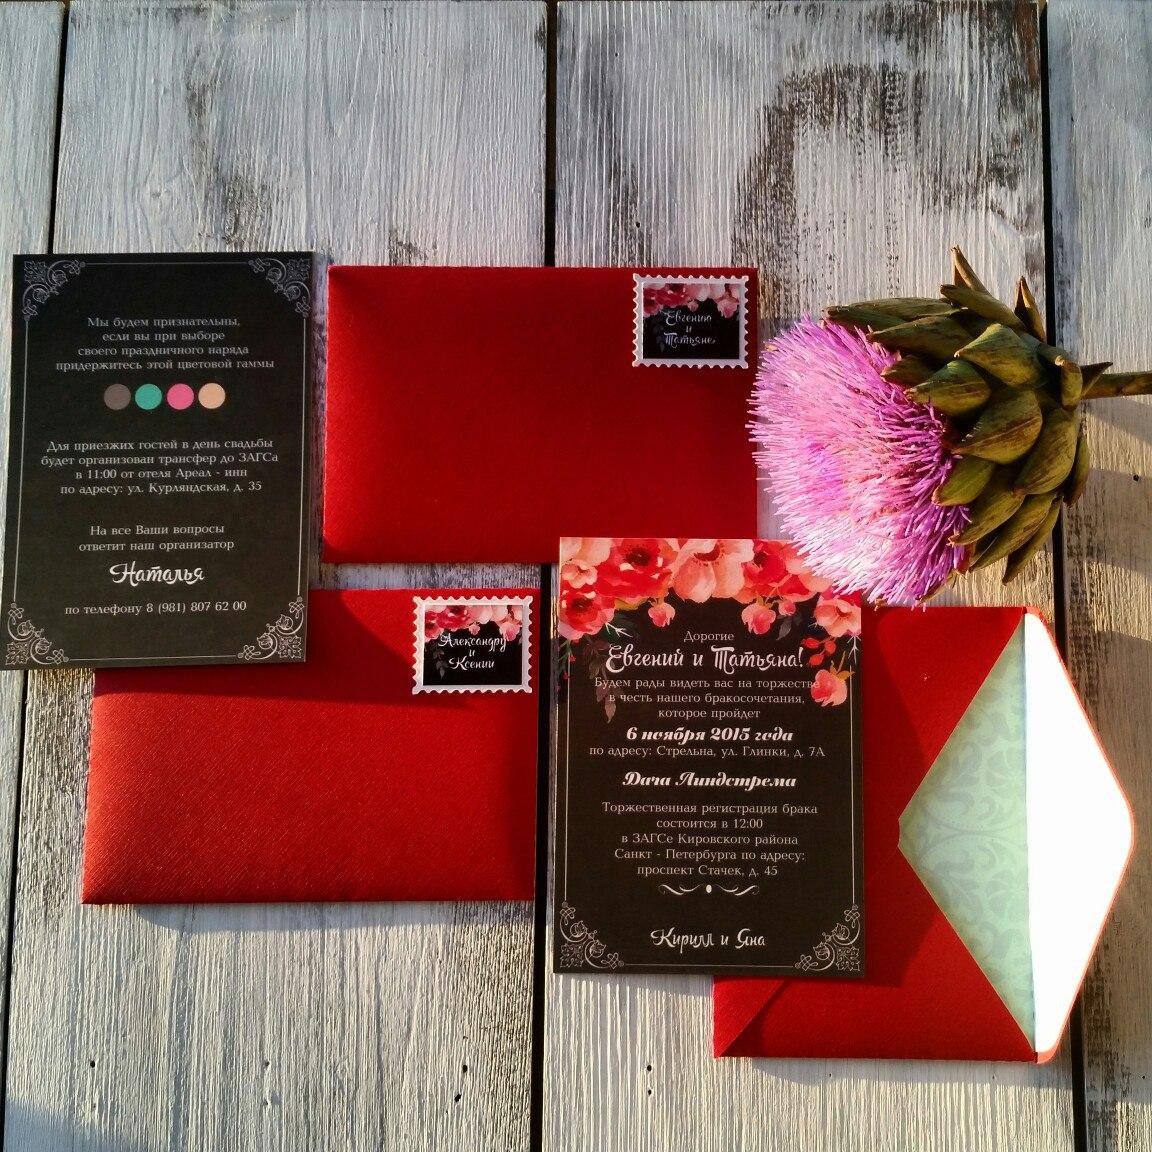 приглашения на свадьбу в черно-красной гамме